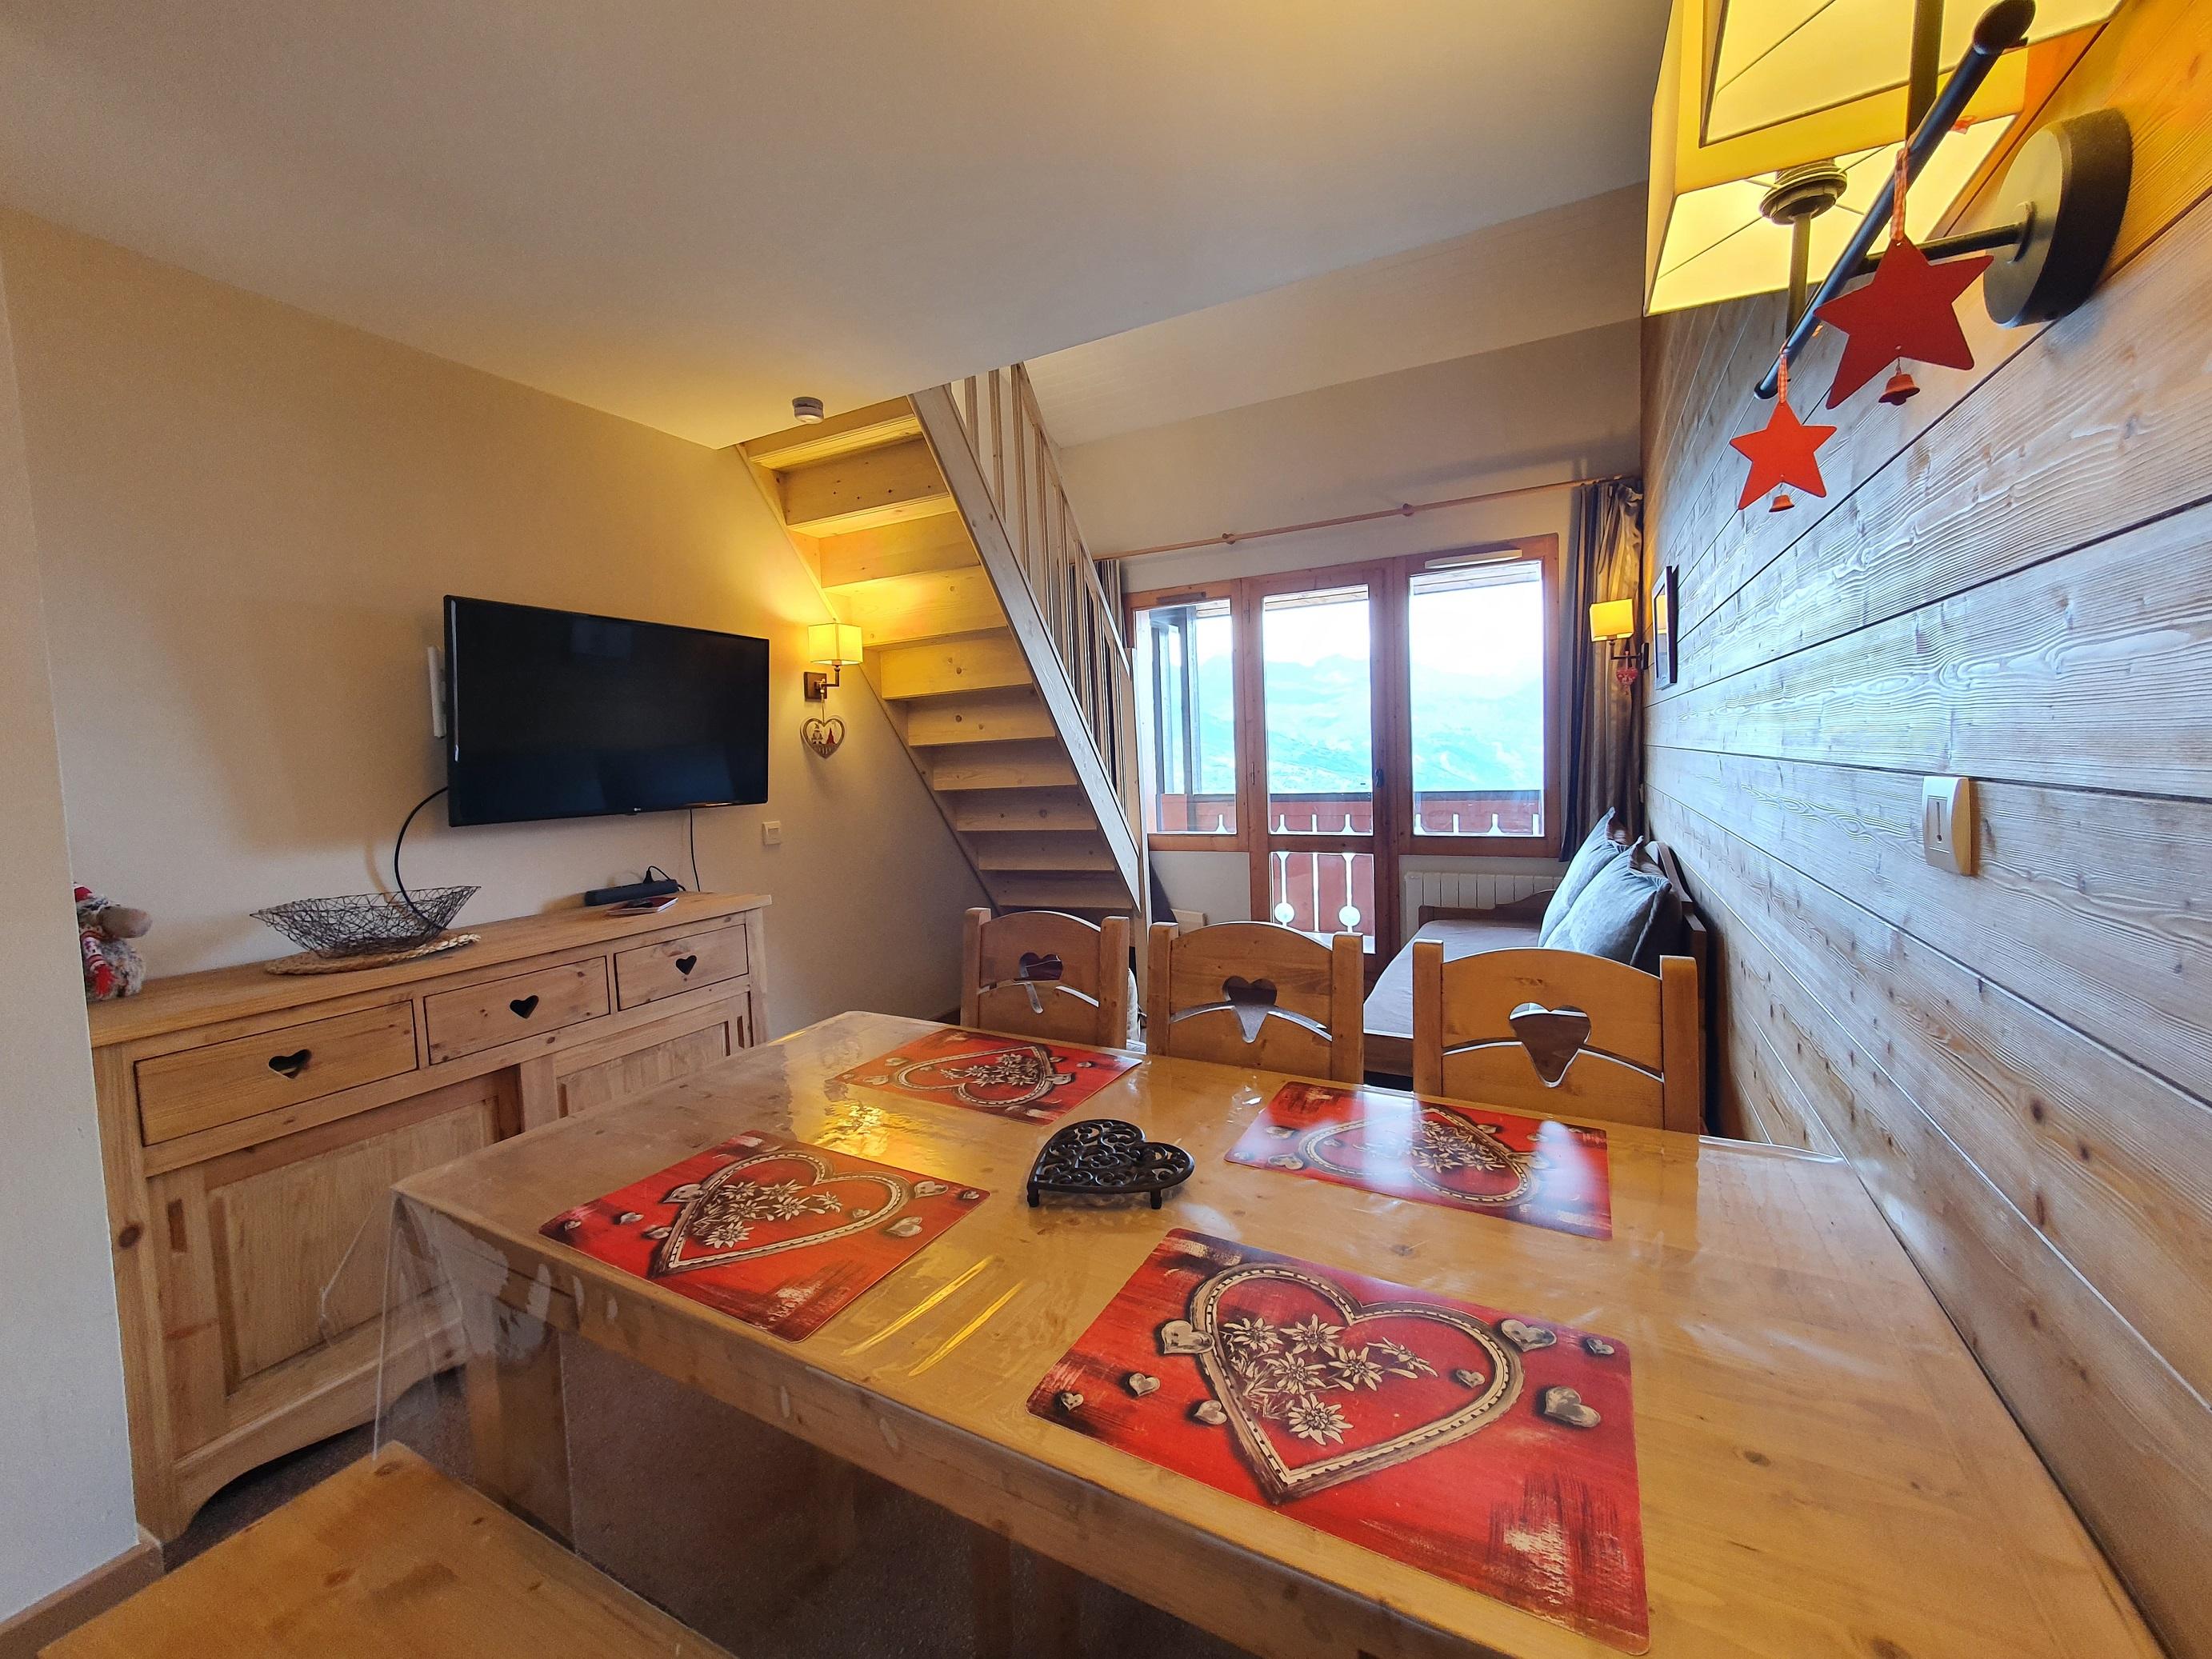 MARELLE 517 Accommodation in La Plagne